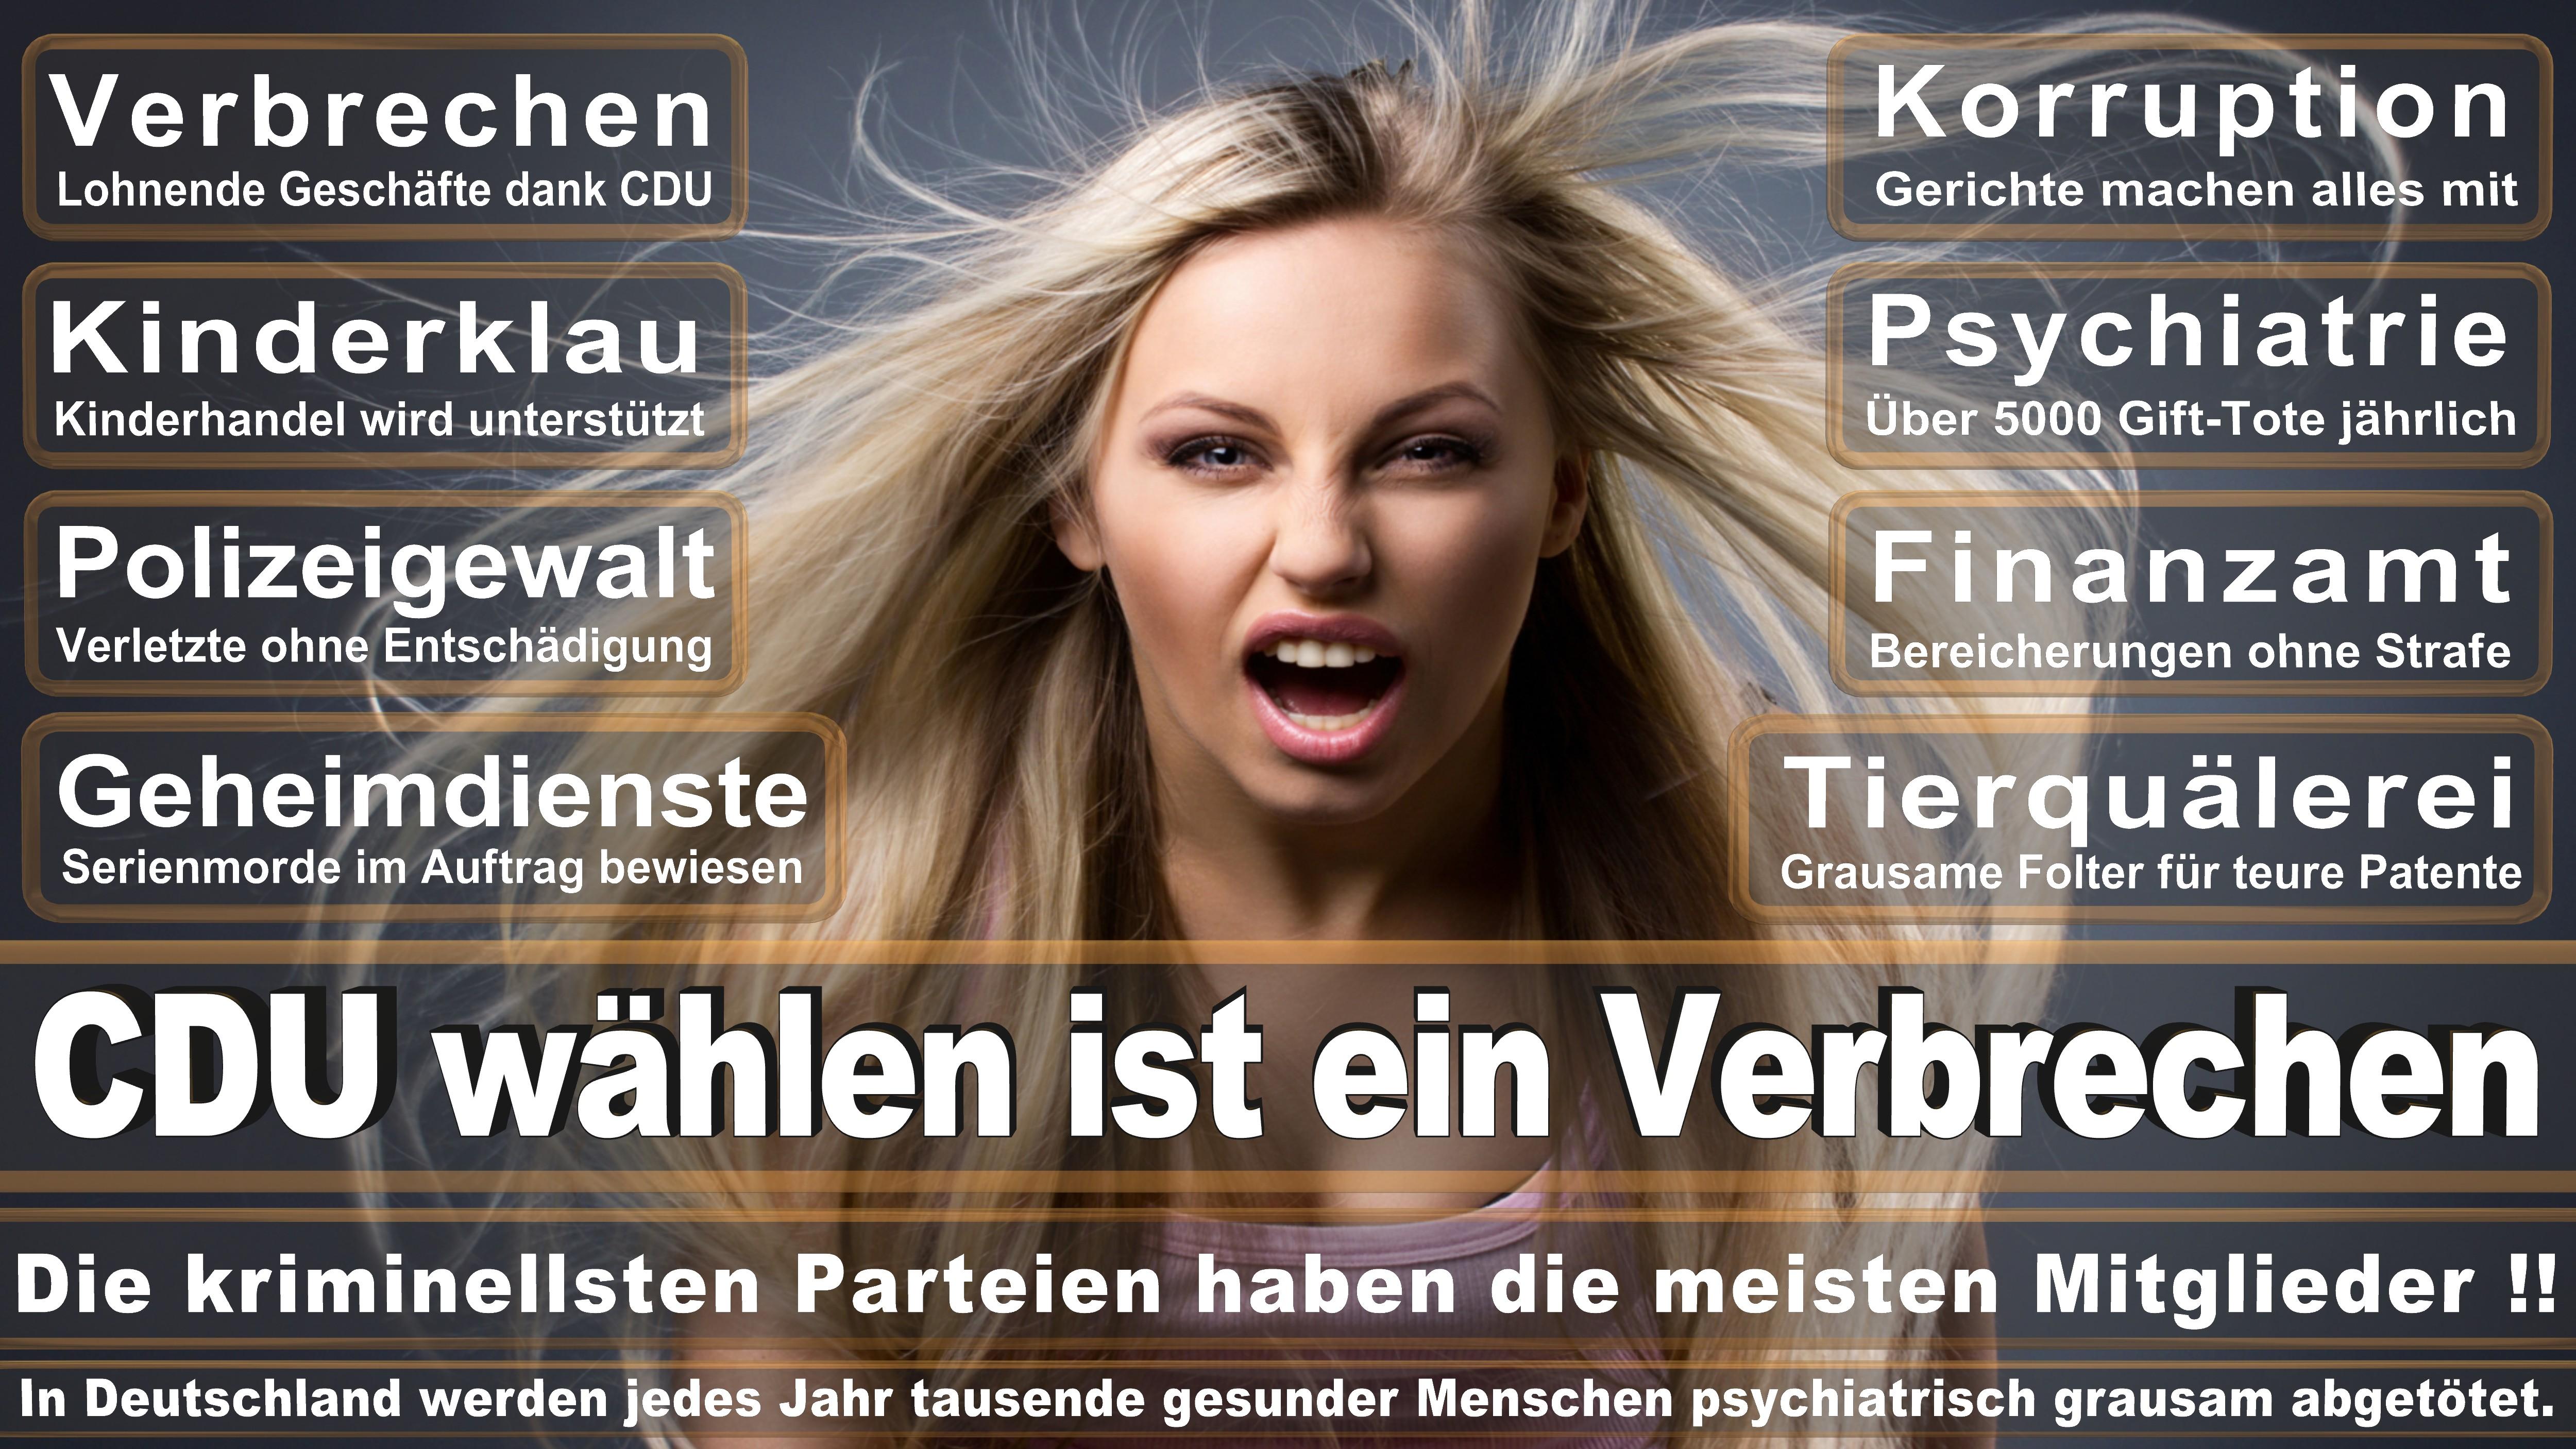 CDU, BIELEFELD, RATSMITGLIEDER, VORSTAND, ORTSVERBAND, MITGLIEDER (72)